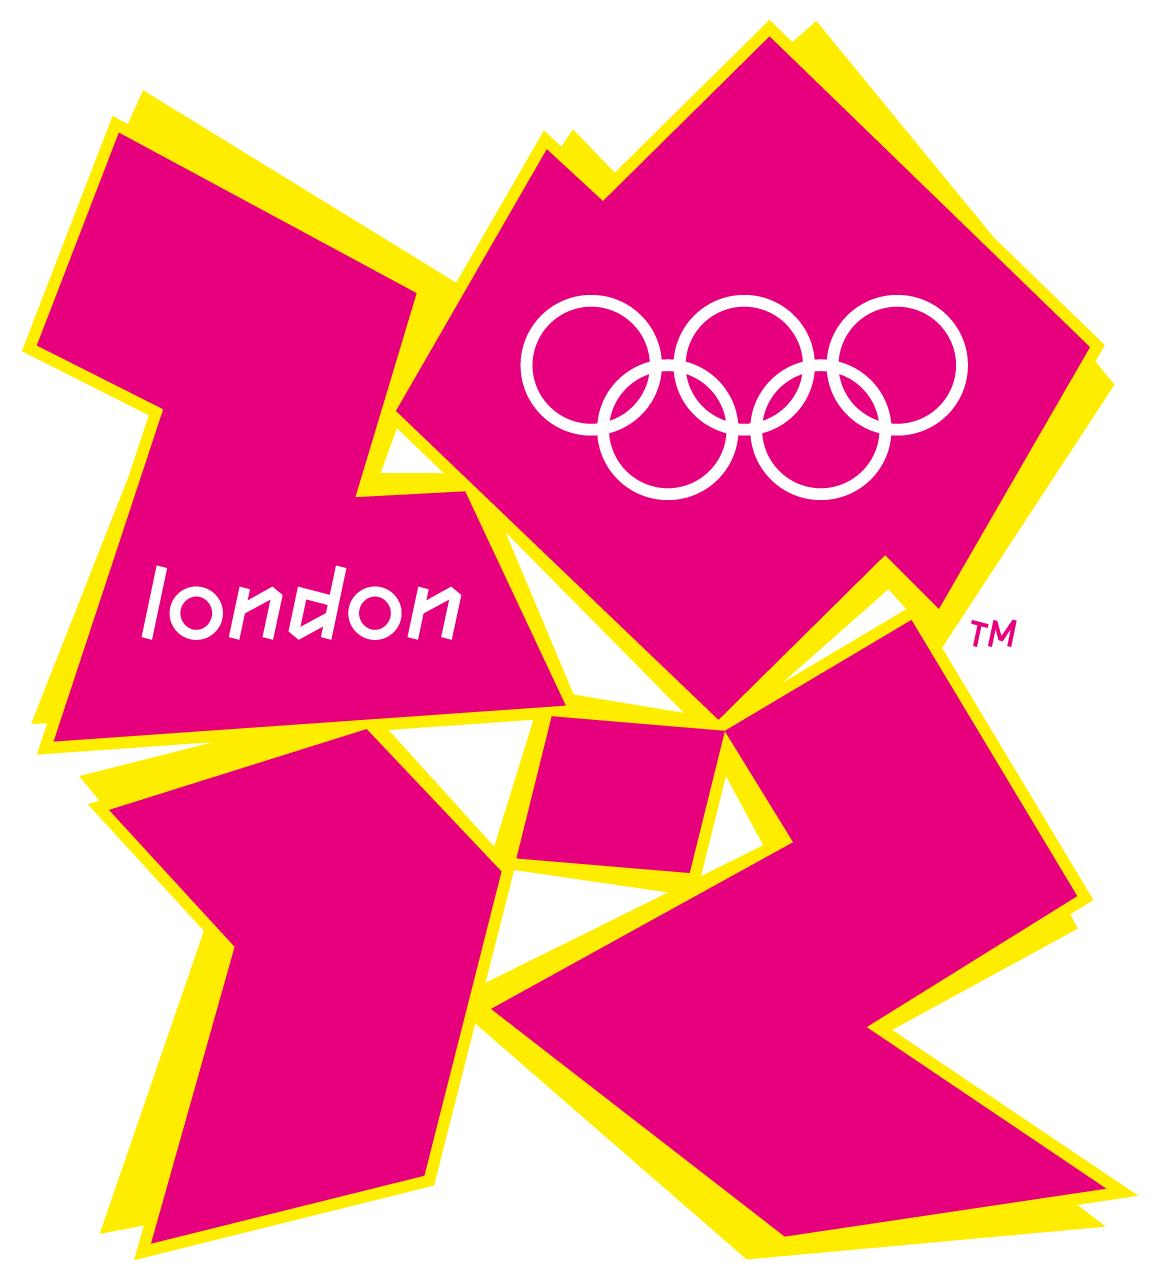 cérémonie, danny boyle, Edito, flamme, gilles bouleau, jeux, jeux olympiques, jo, londres, olympiques, politique, Télévision, tf1